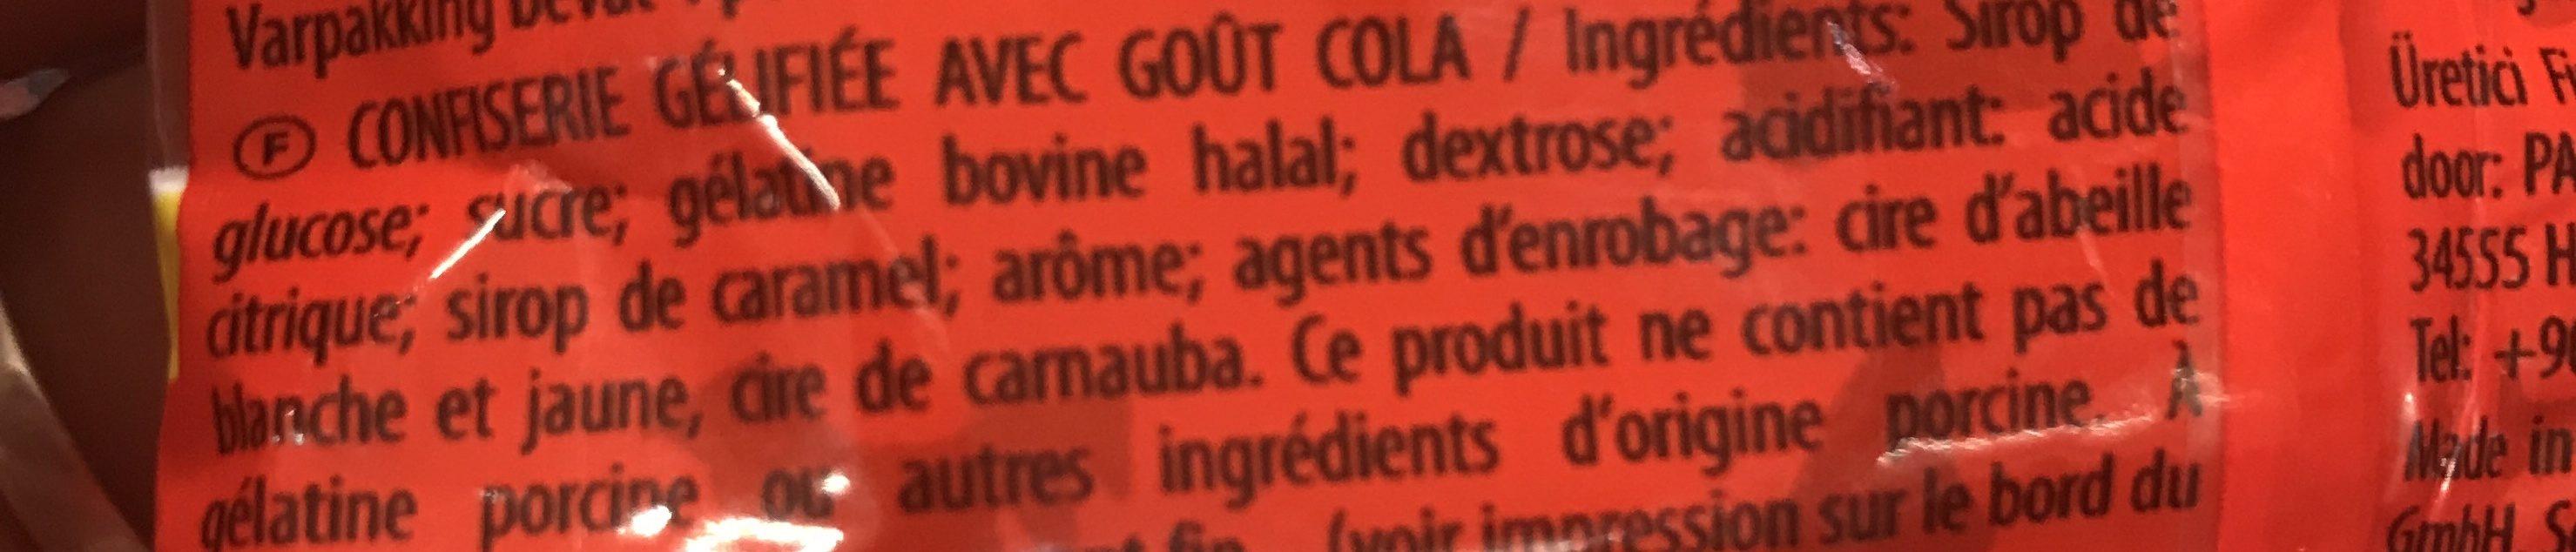 Haribo Halal Happy Cola Original 100G - Ingrédients